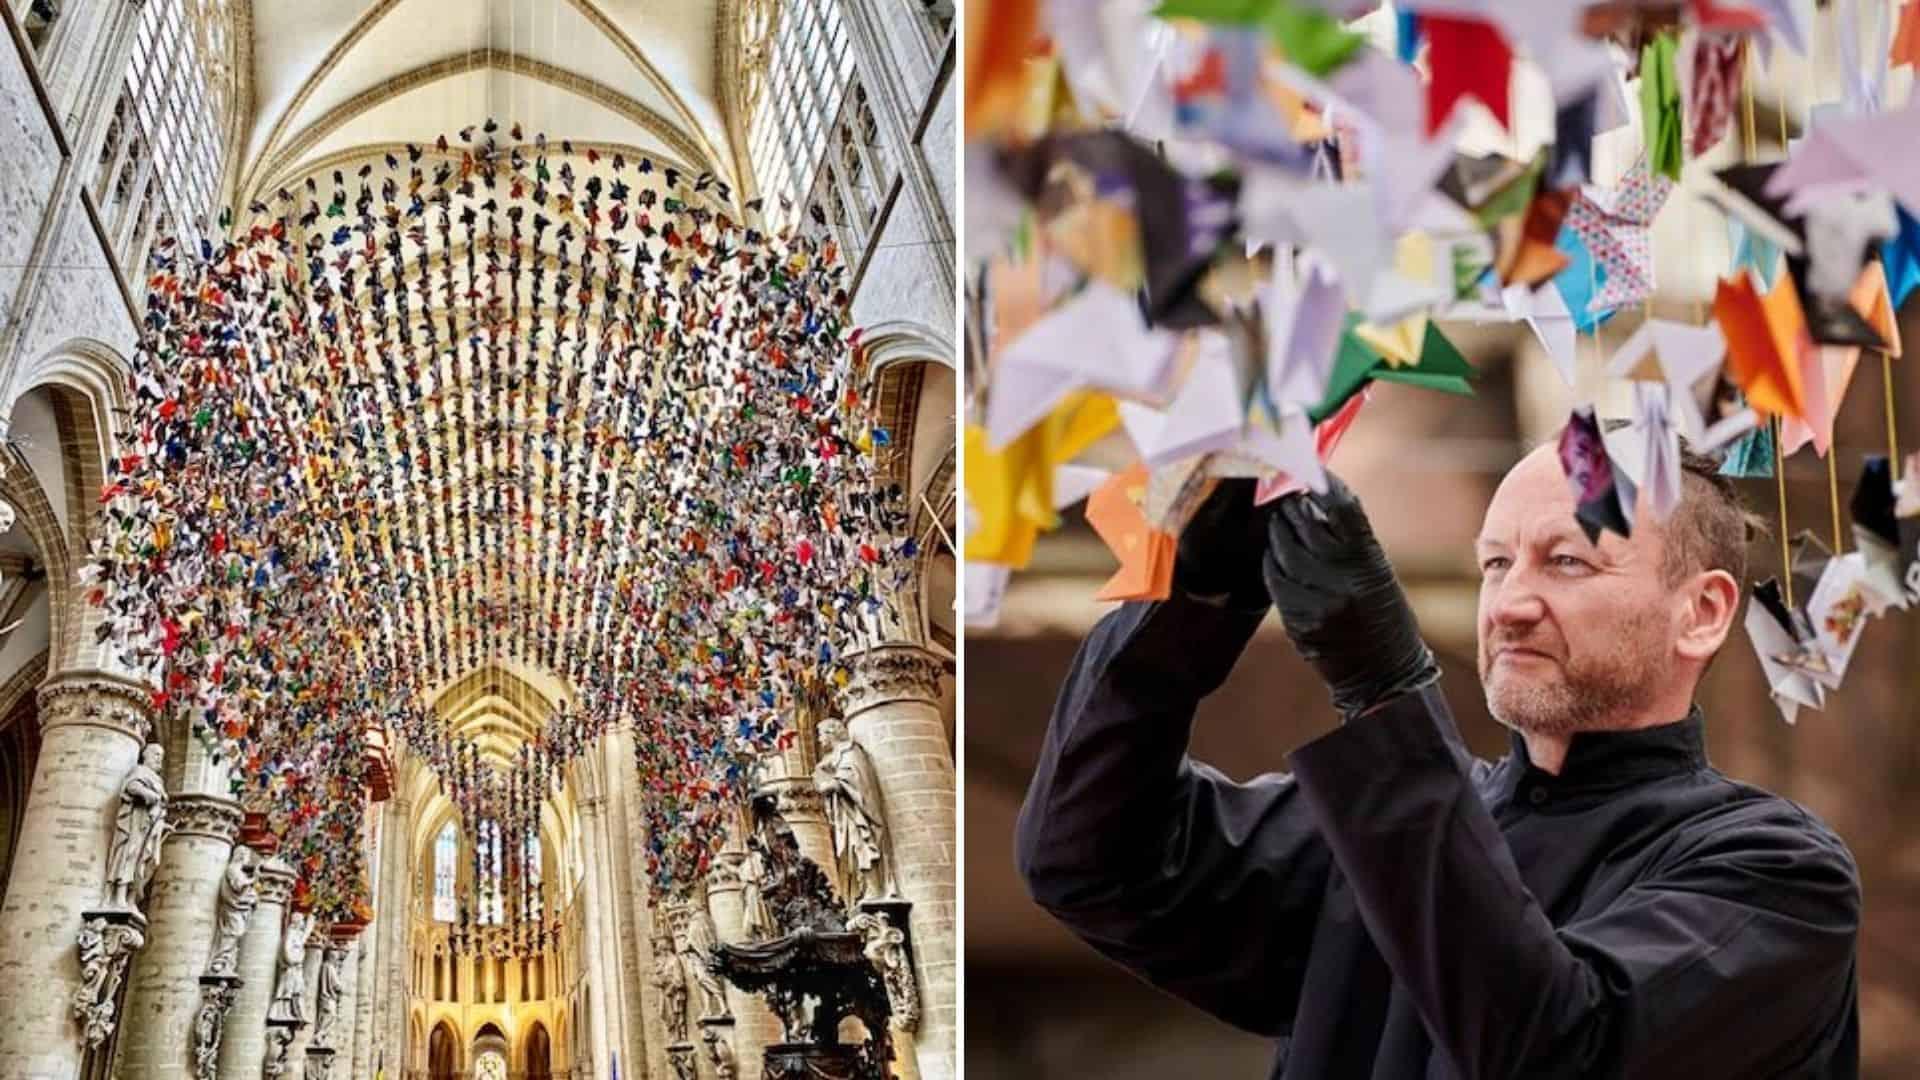 Colocan 20.000 aves de origami en una catedral de Bruselas para ayudar a recaudar fondos para un hospital con pacientes con COVID-19 1